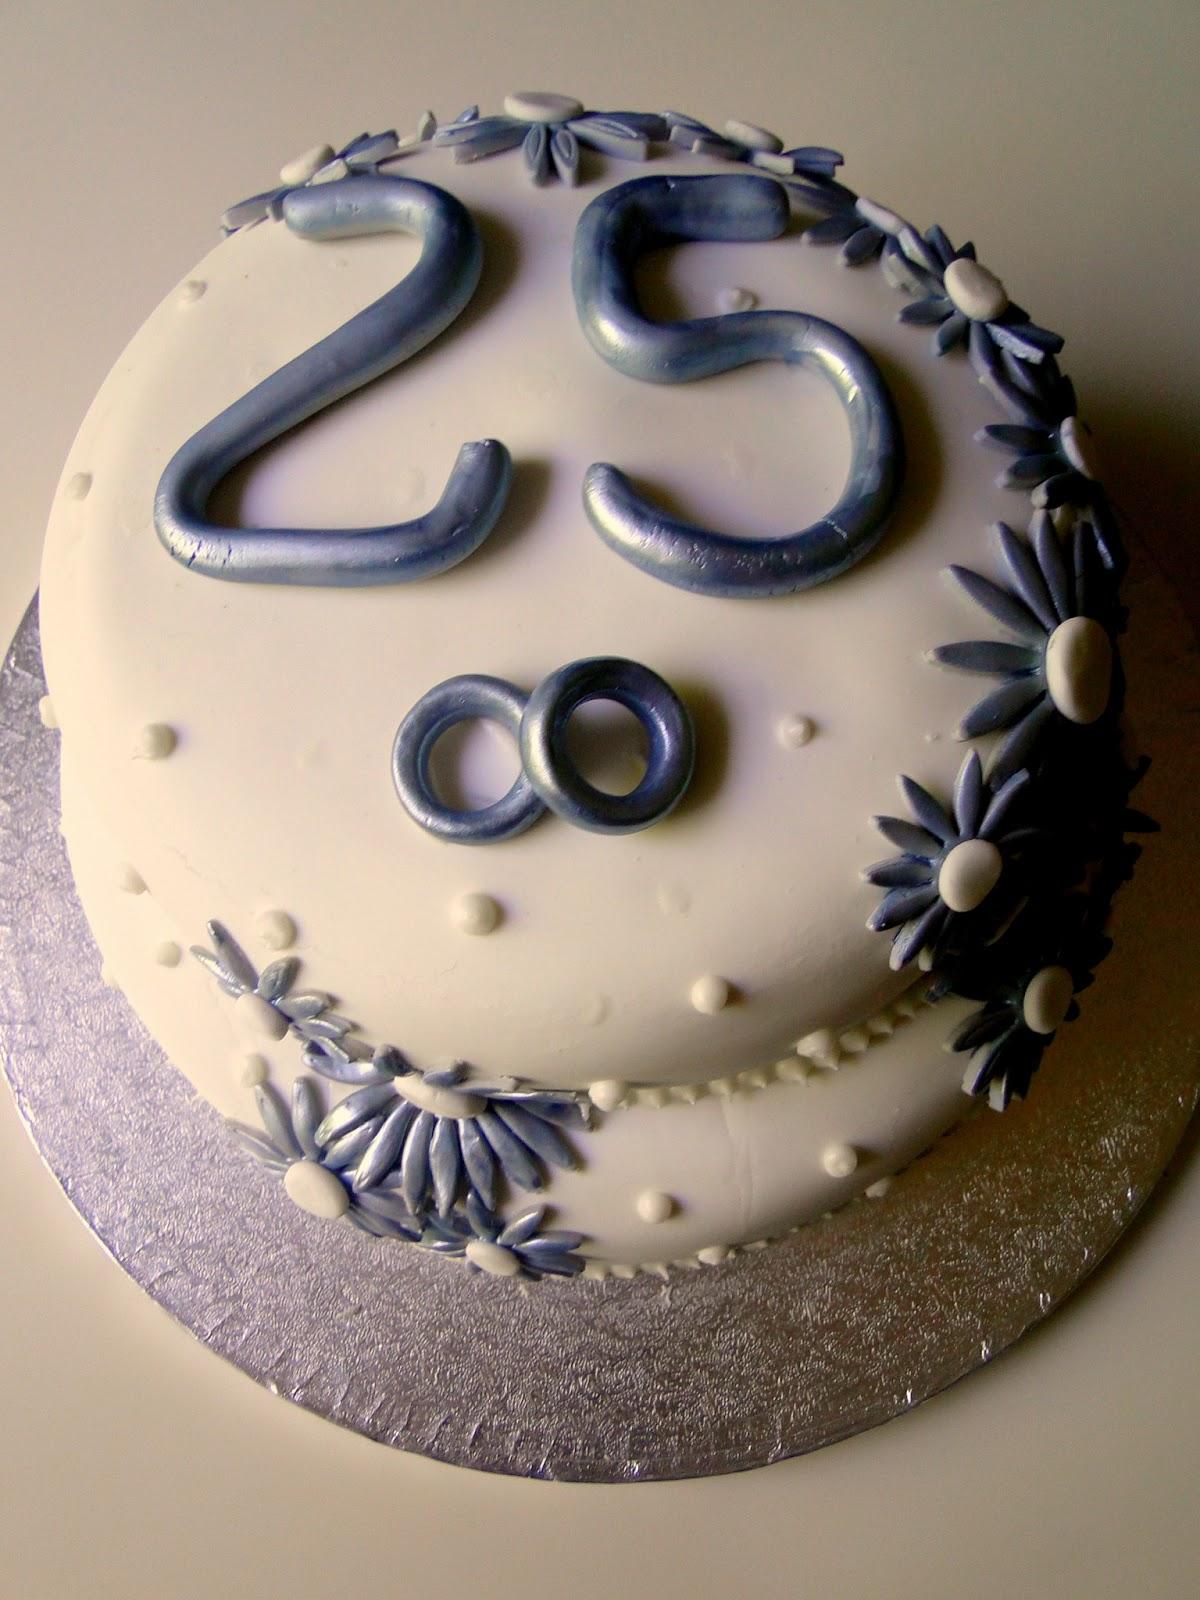 Para simbolizar el motivo de la celebración , puse en la parte superior el numero 25 que simbolizan los 25 años de casados y un detalle de alianzas .